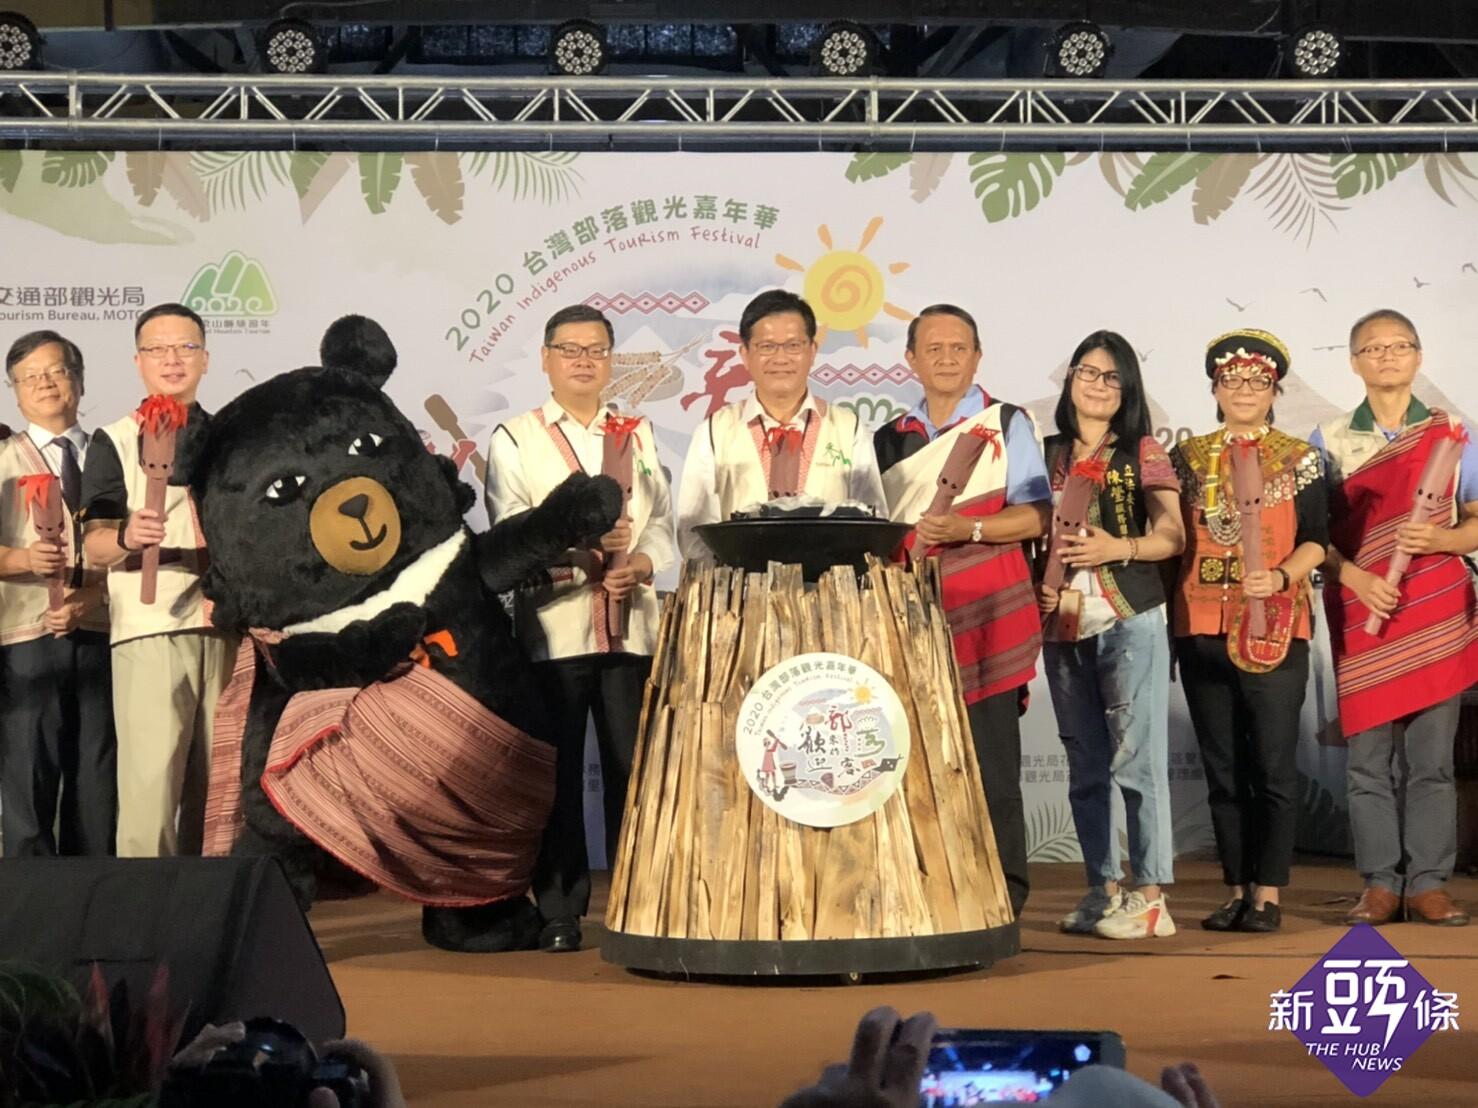 歡迎大家作伙來當「部落客」 2020台灣部落觀光嘉年華開跑了